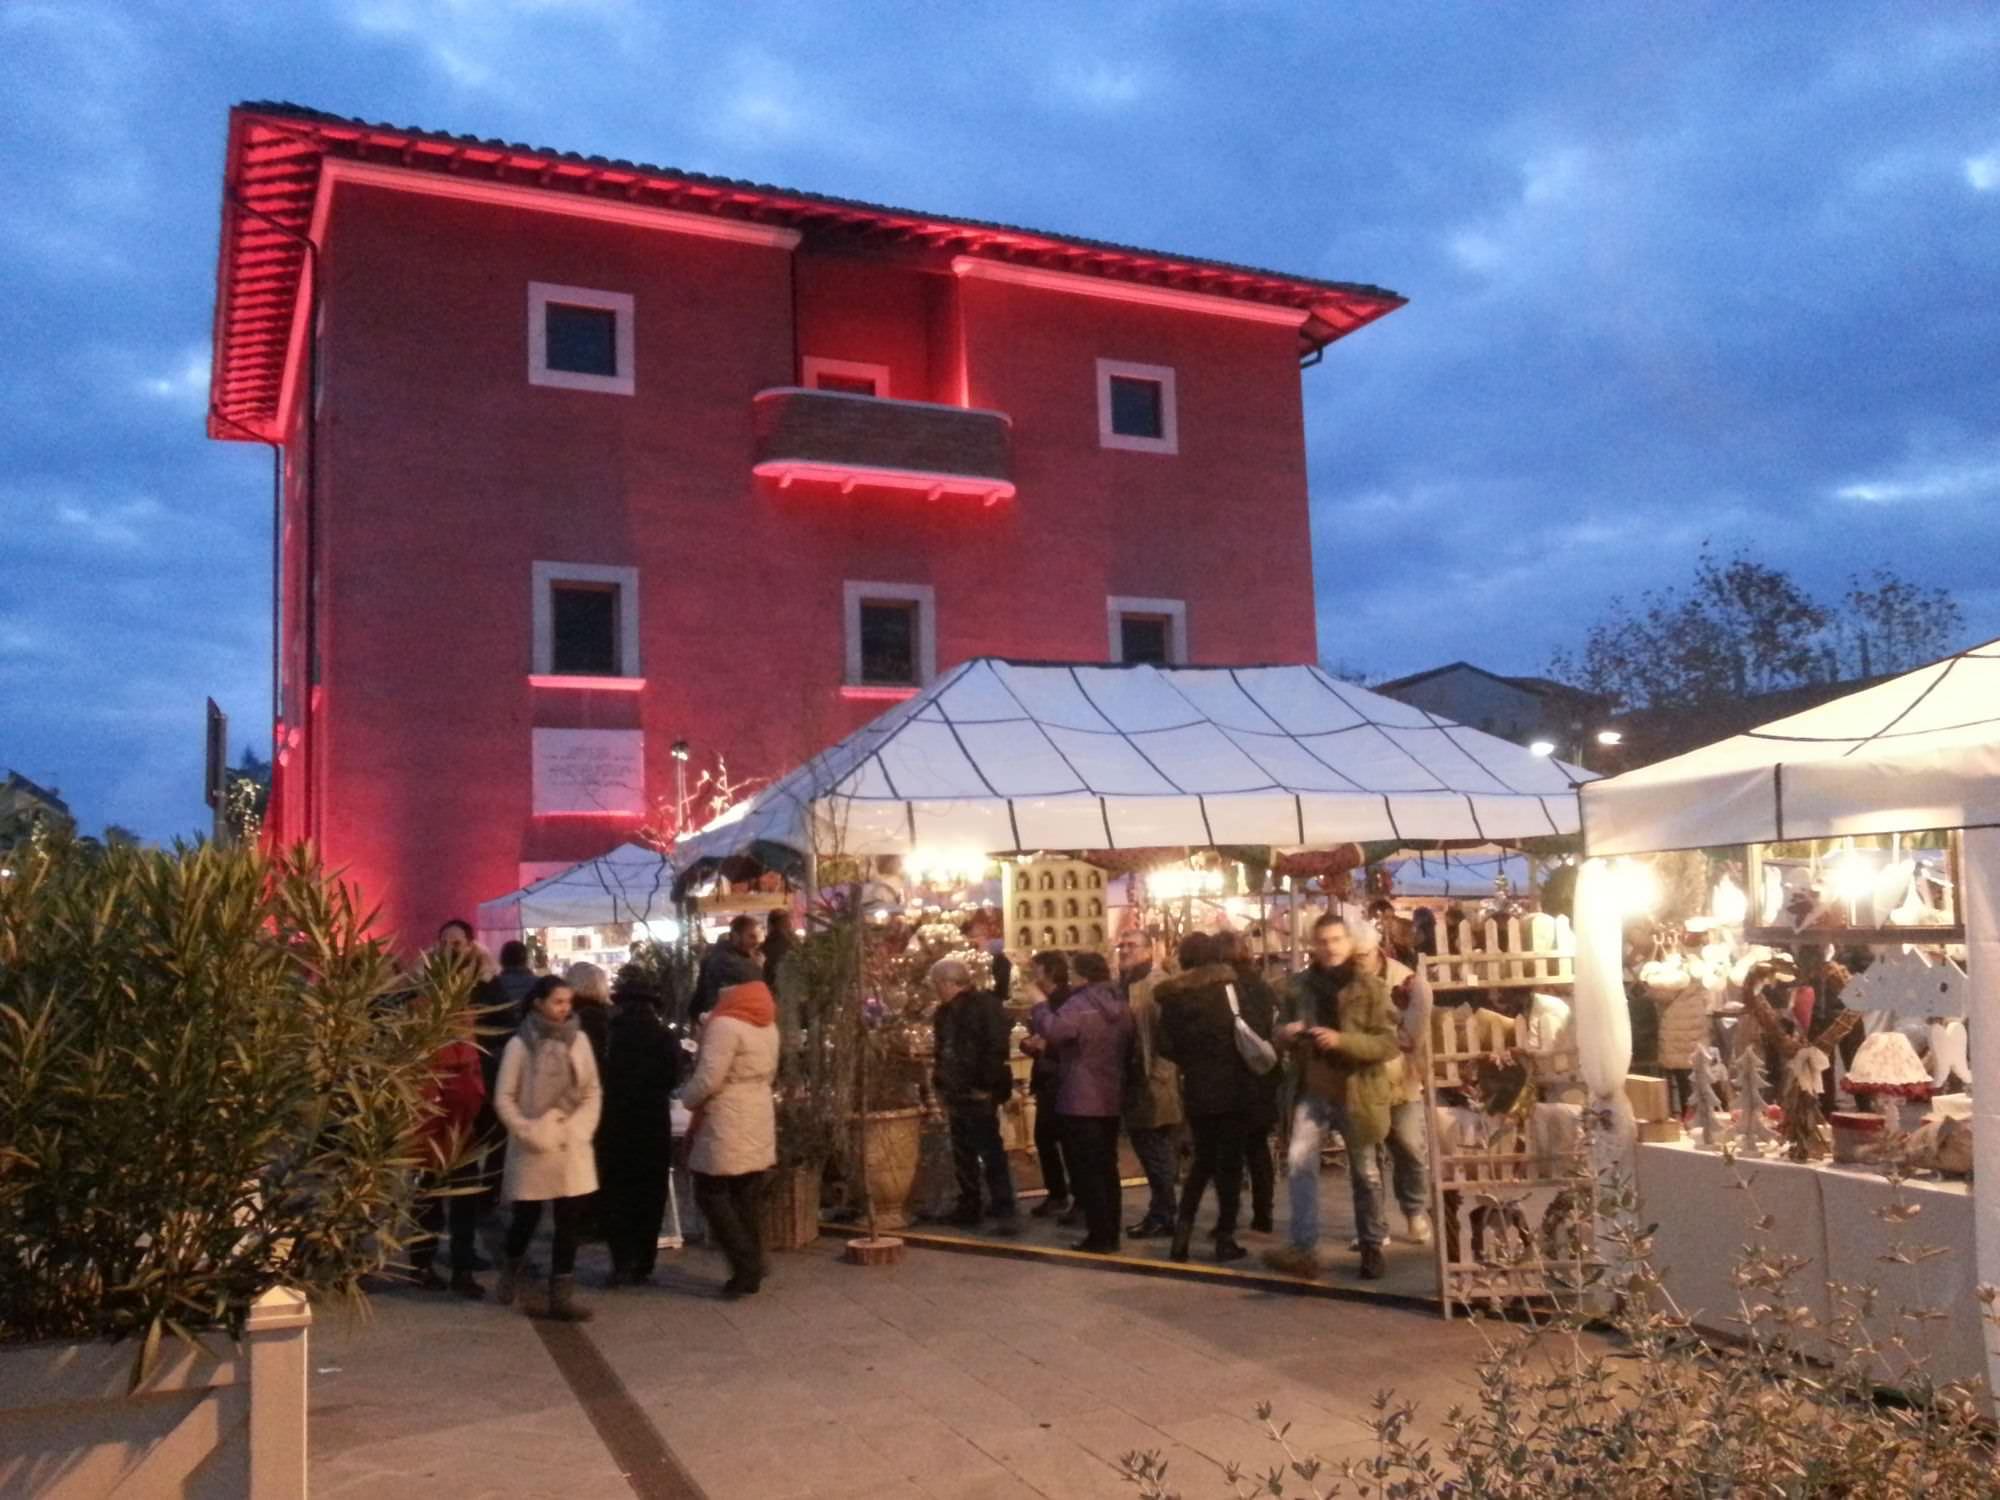 Natale a Forte dei Marmi. Atmosfere magiche tra luminarie, musica, mercatini e tanti eventi